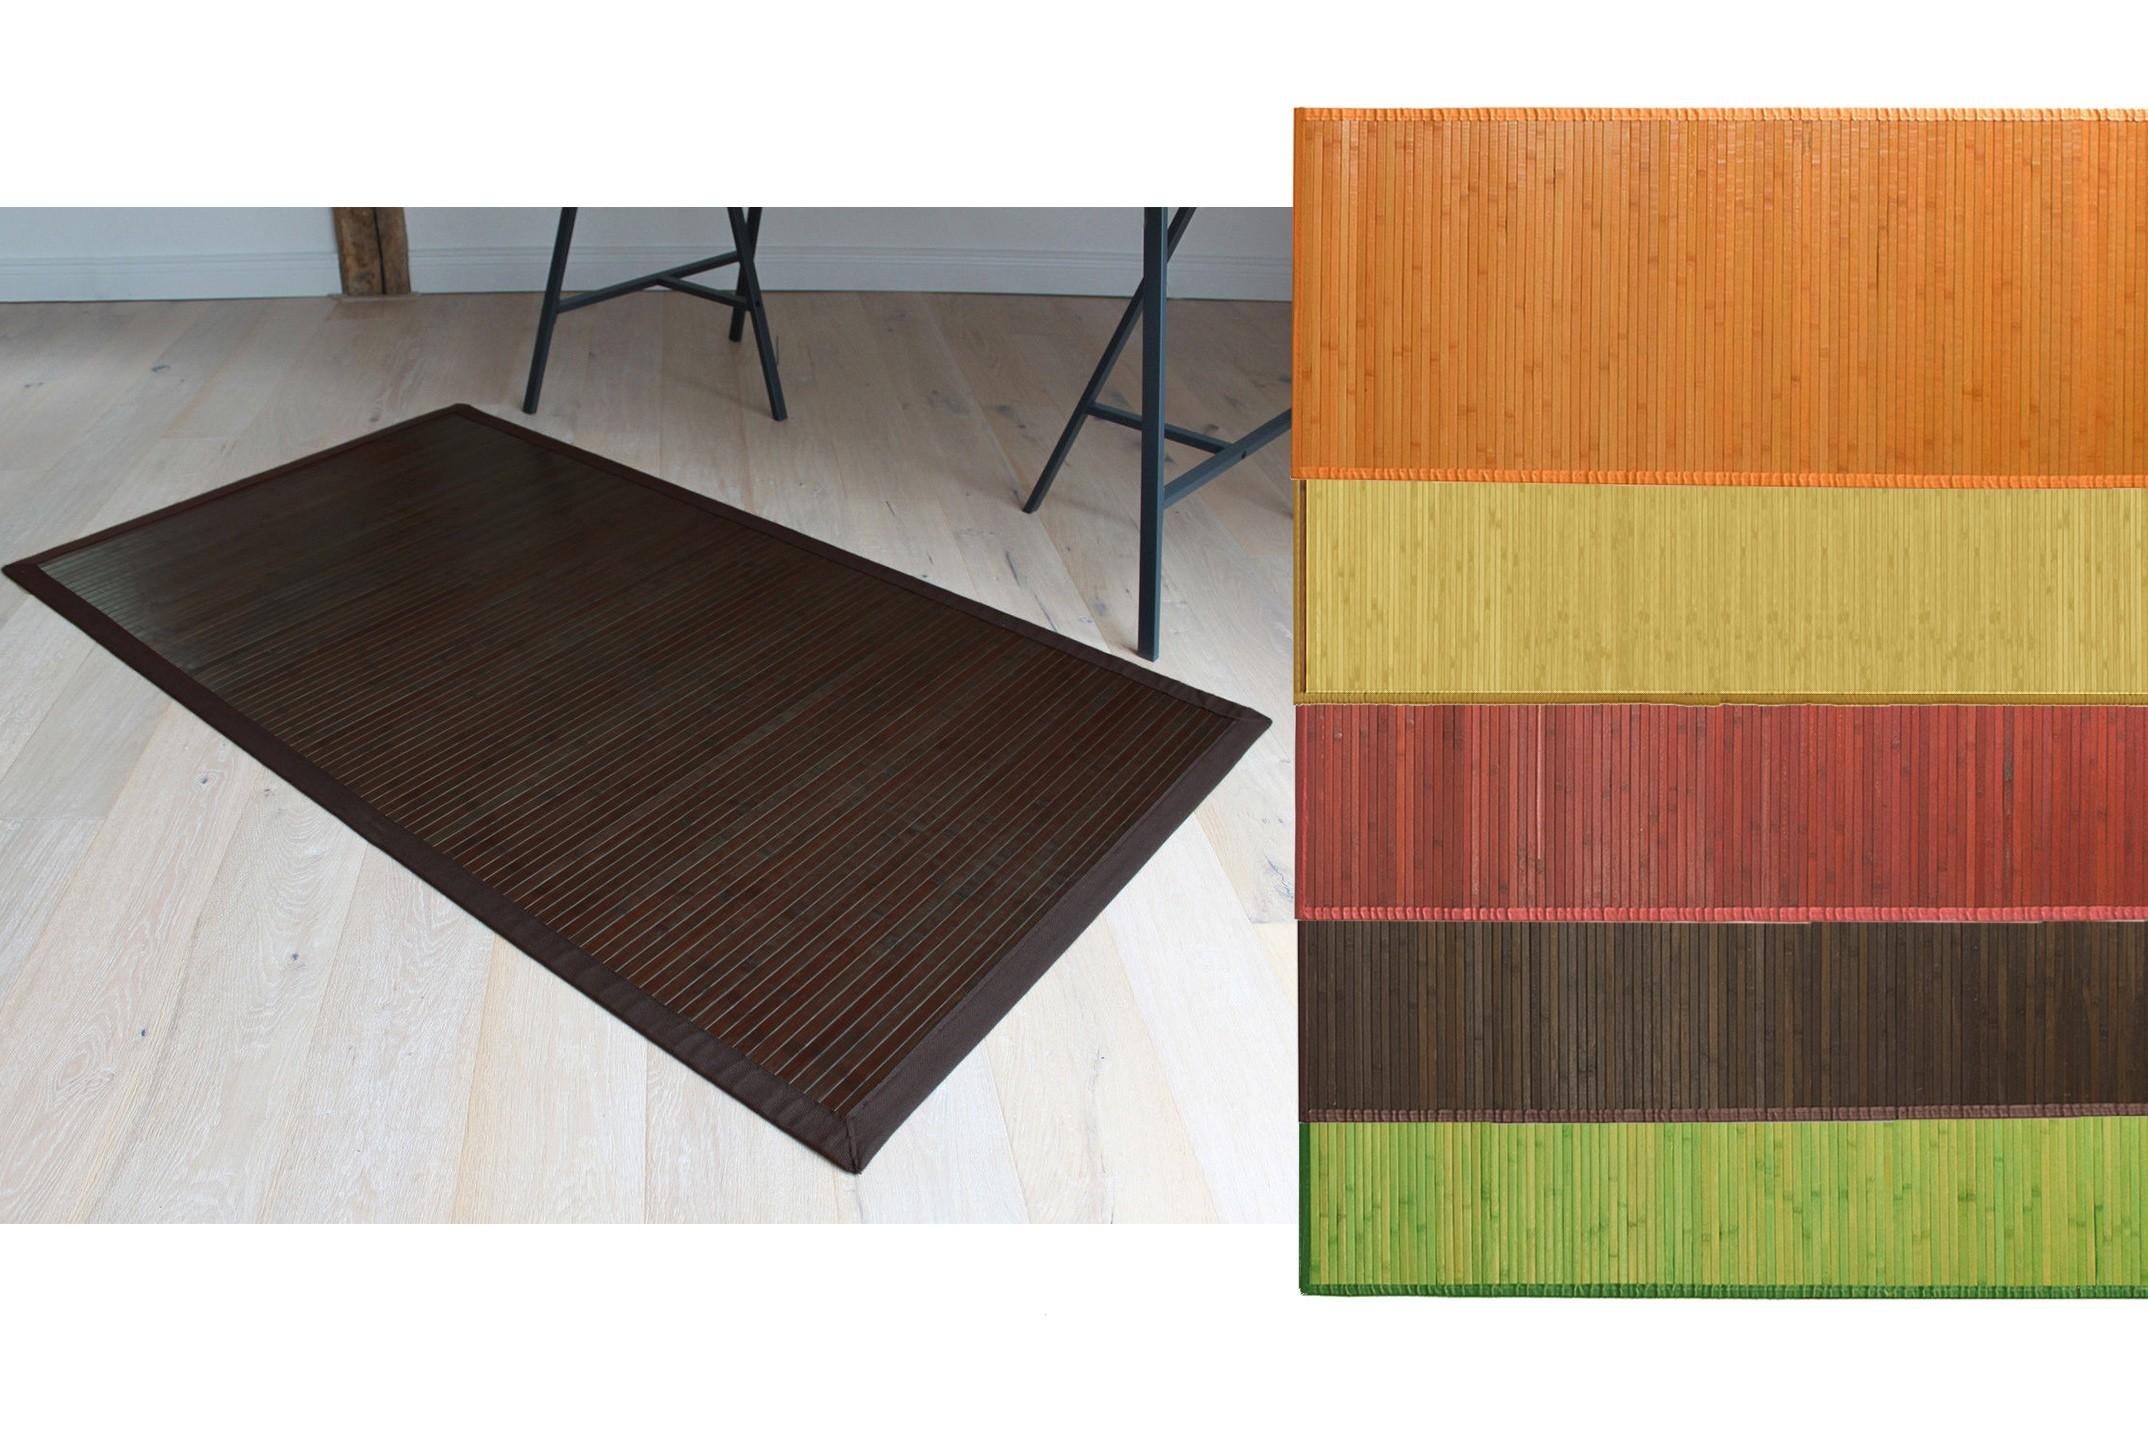 Tappeto in bamboo in legno naturale 60x90cm